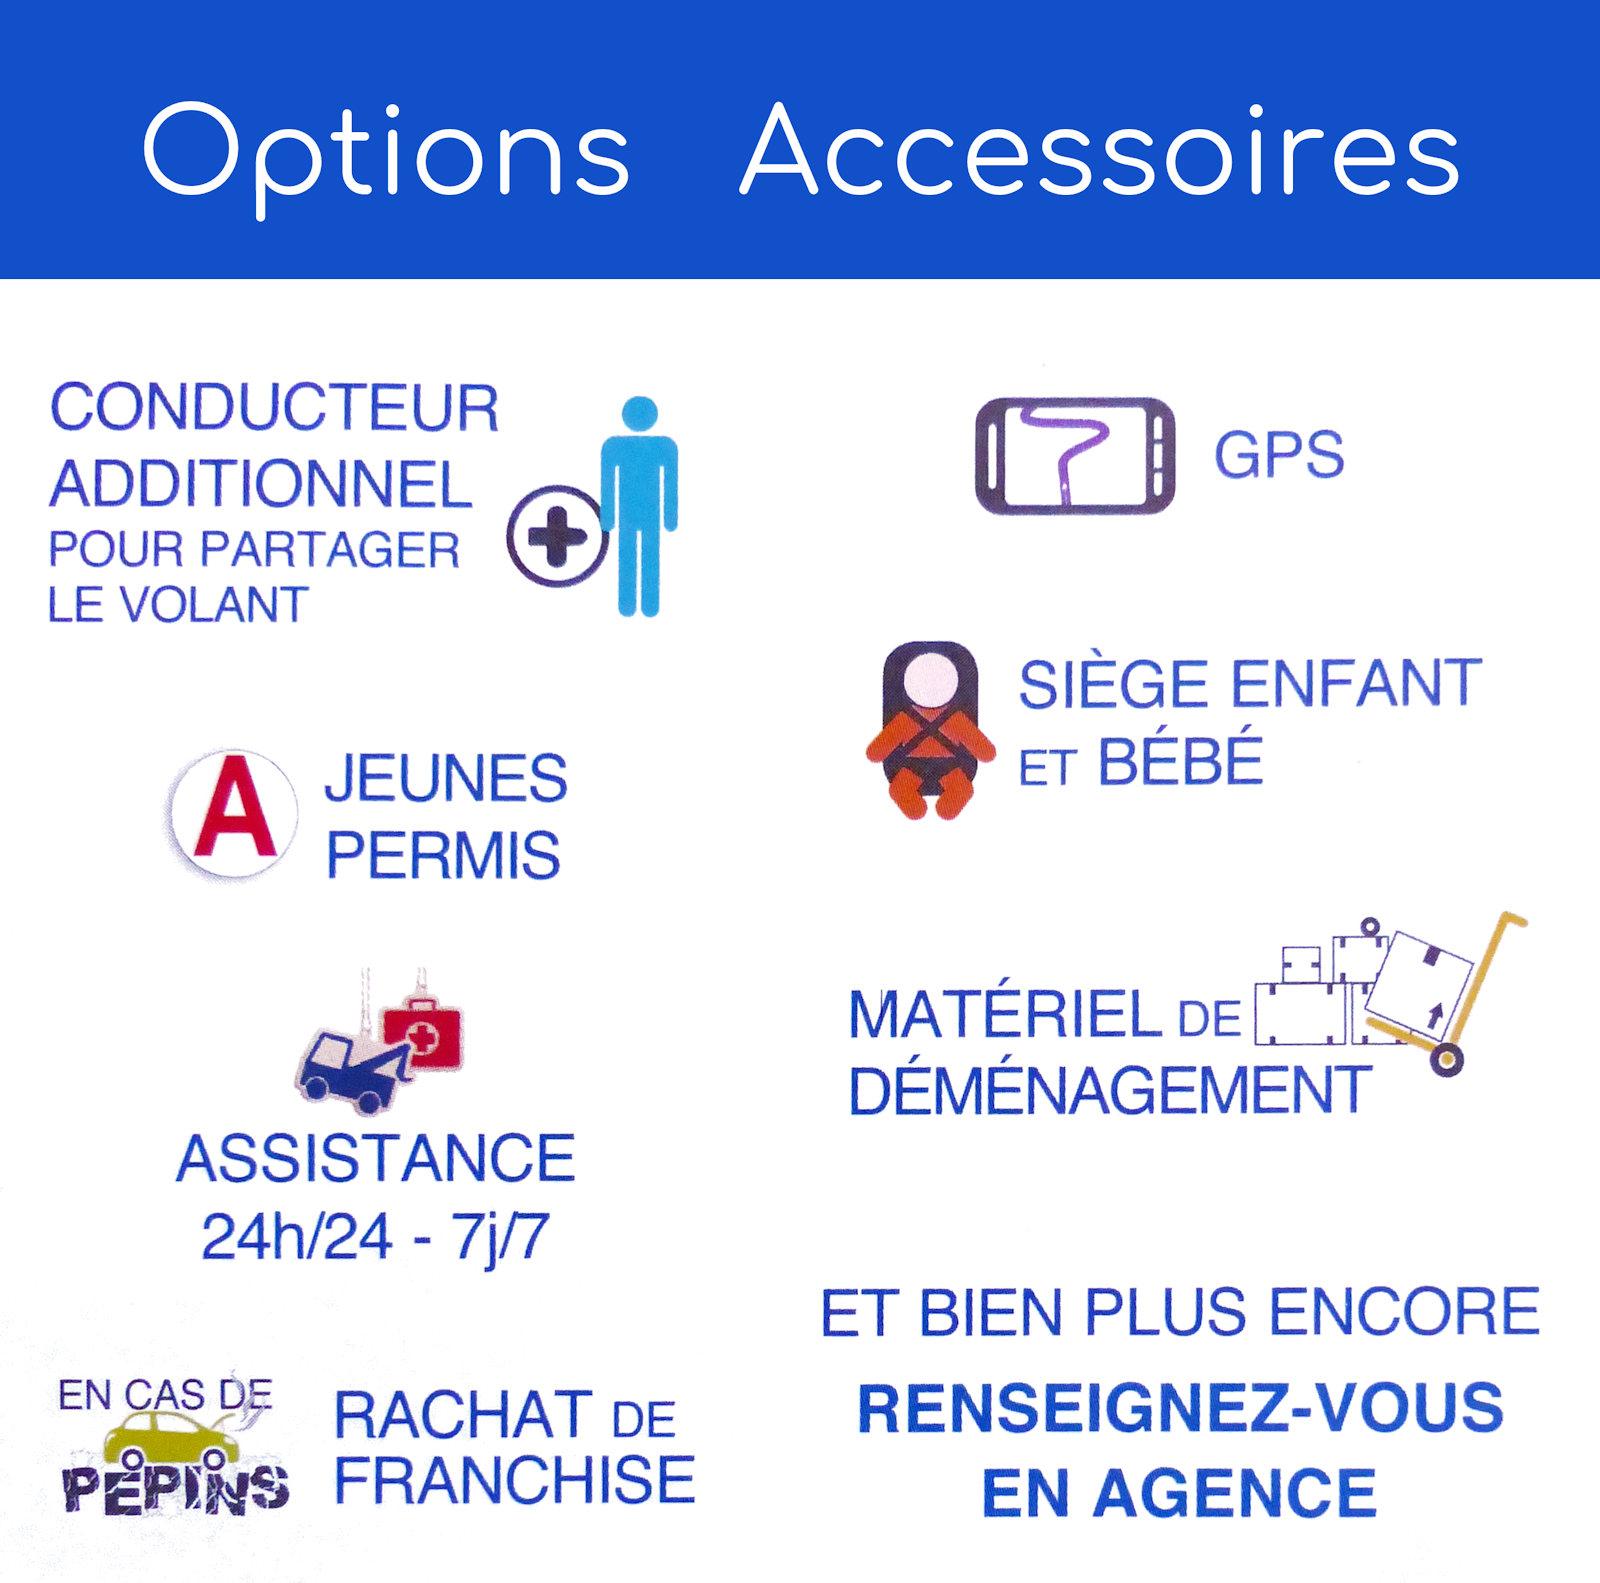 Options Accessoires Rent a Car - Place de la Victoire, Tourcoing.